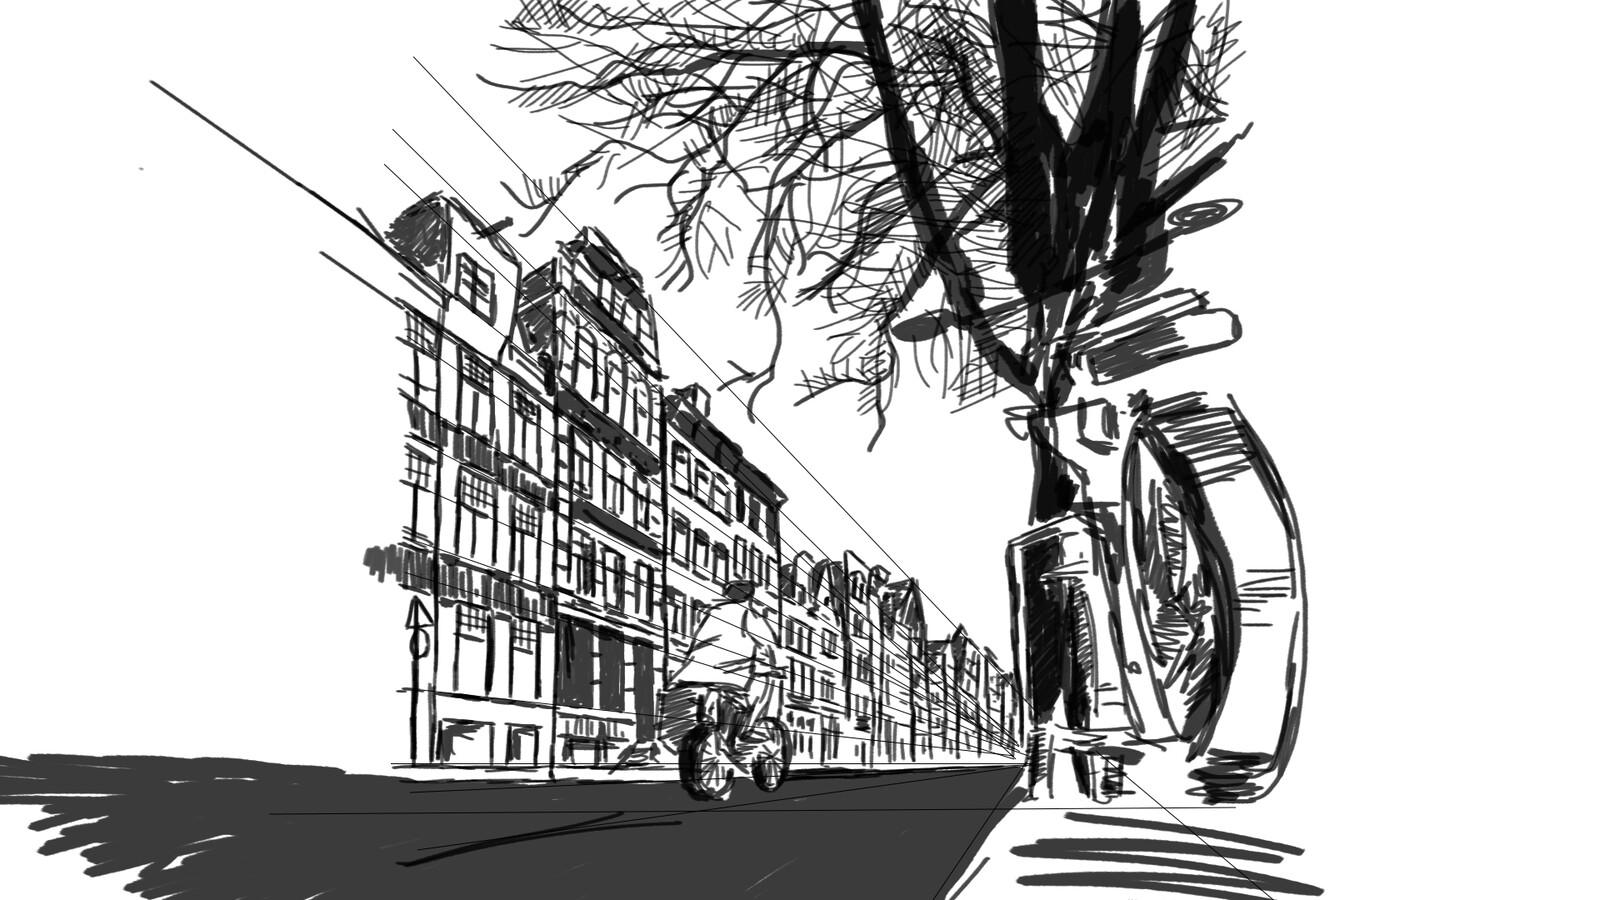 street sketch, perspective practice